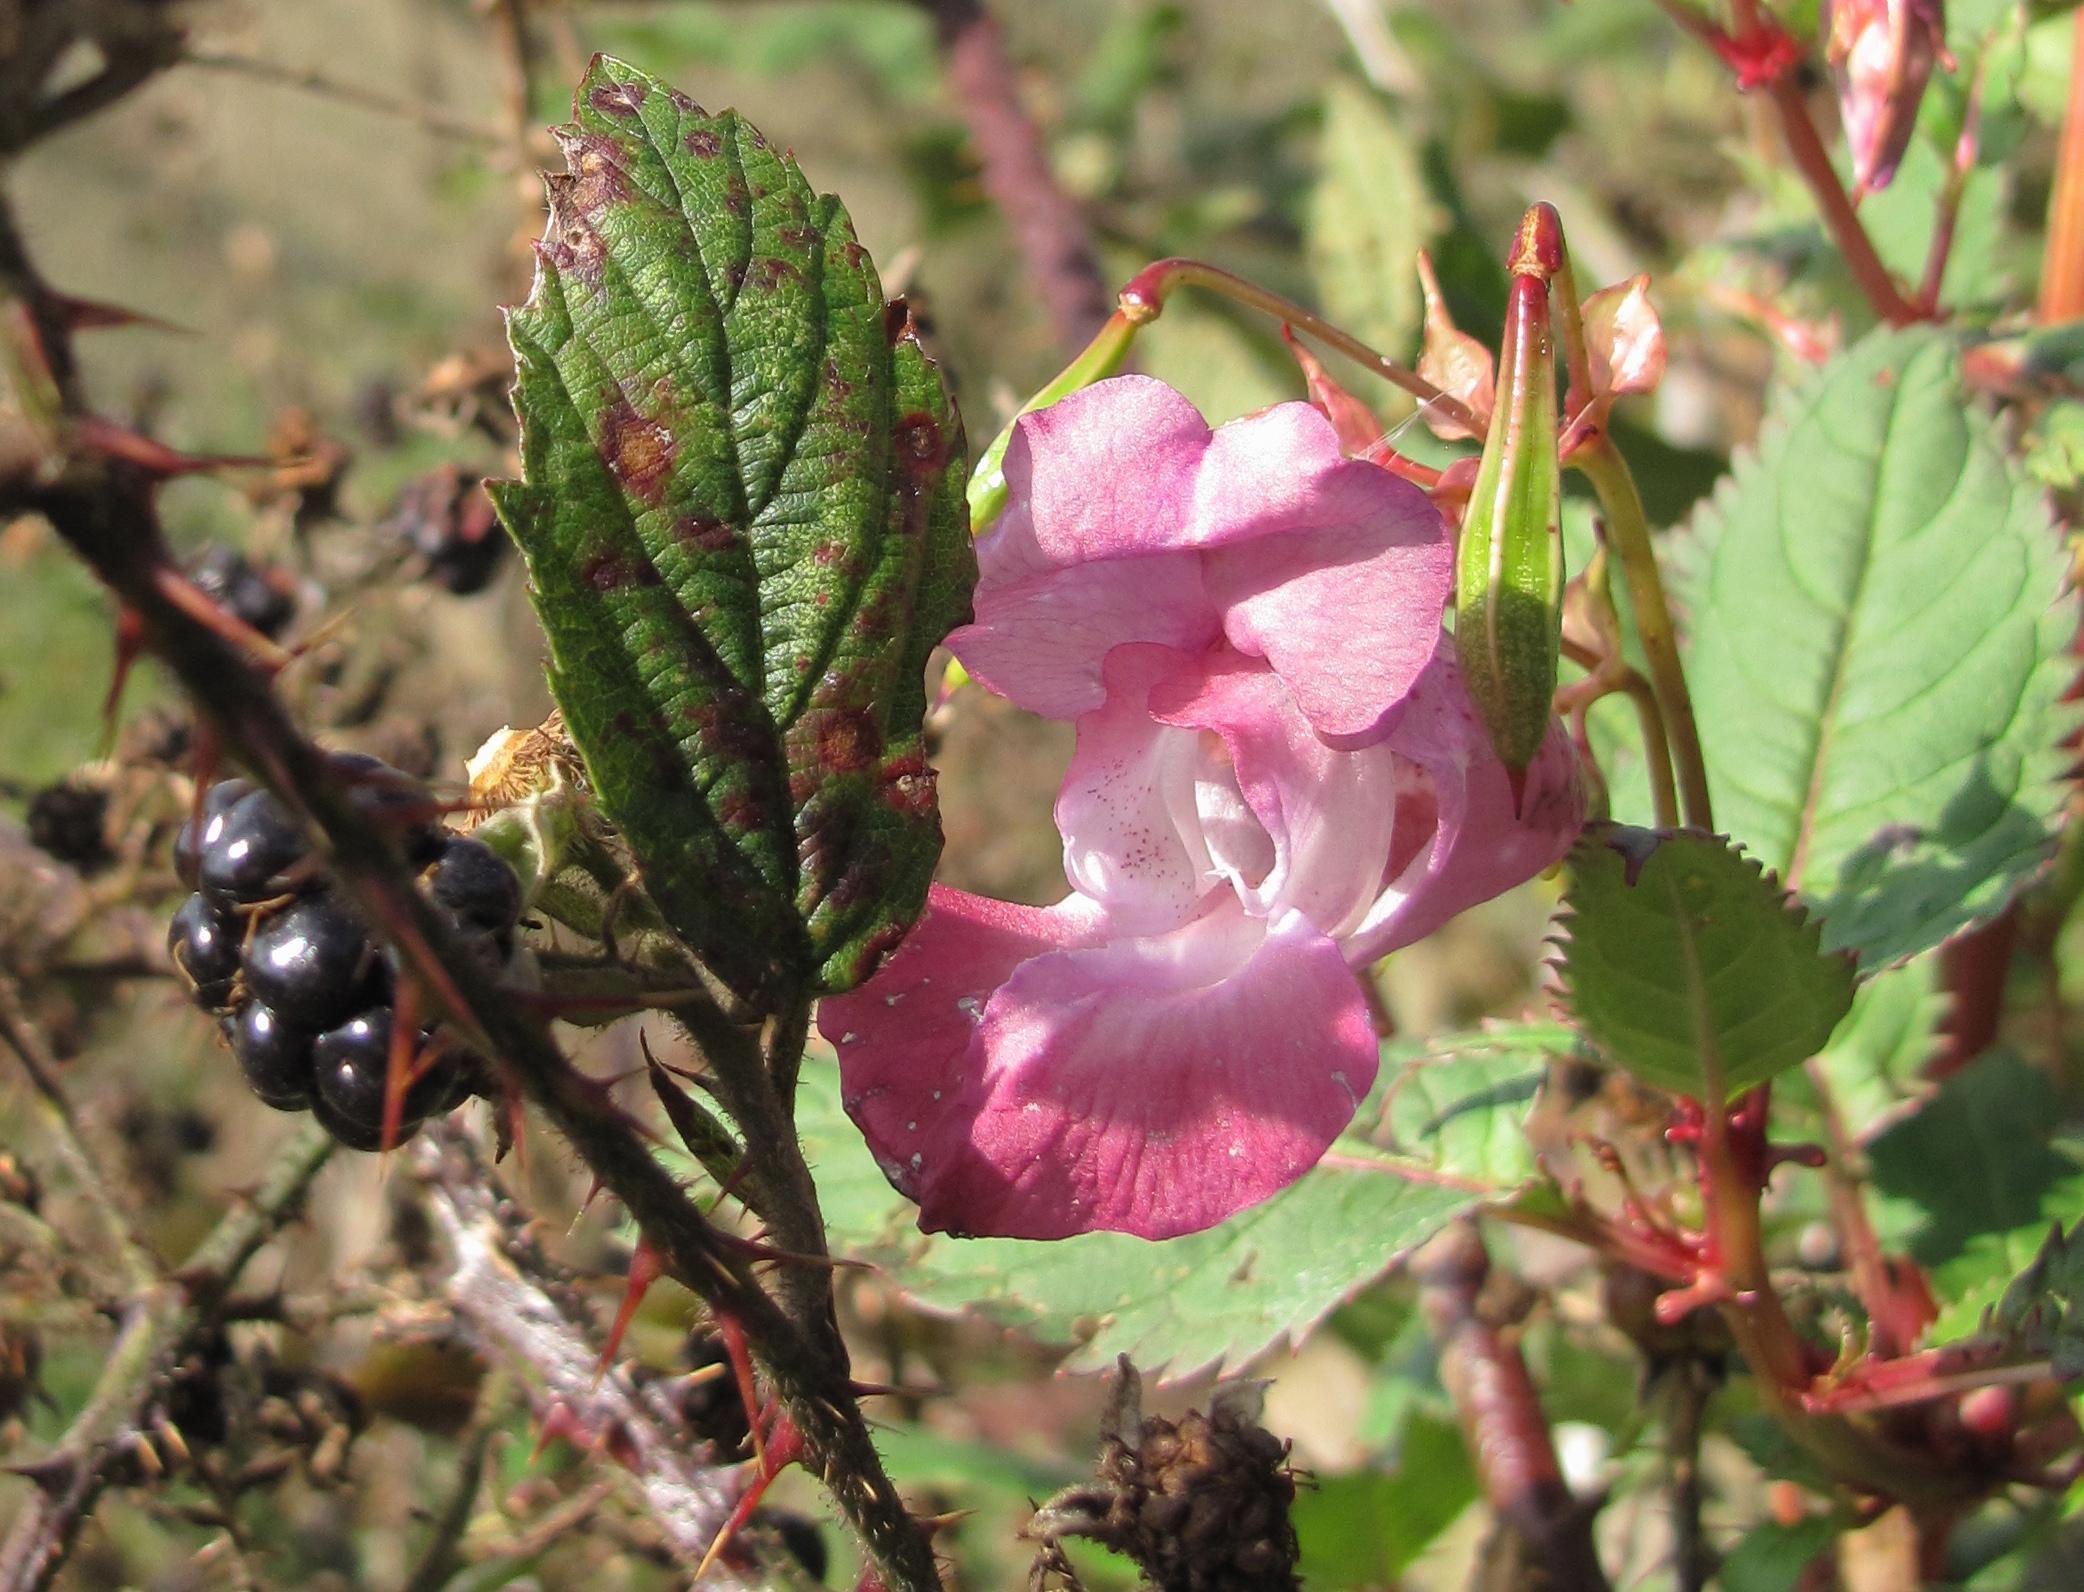 Blackberries and flowers growing in Holyrood Park.